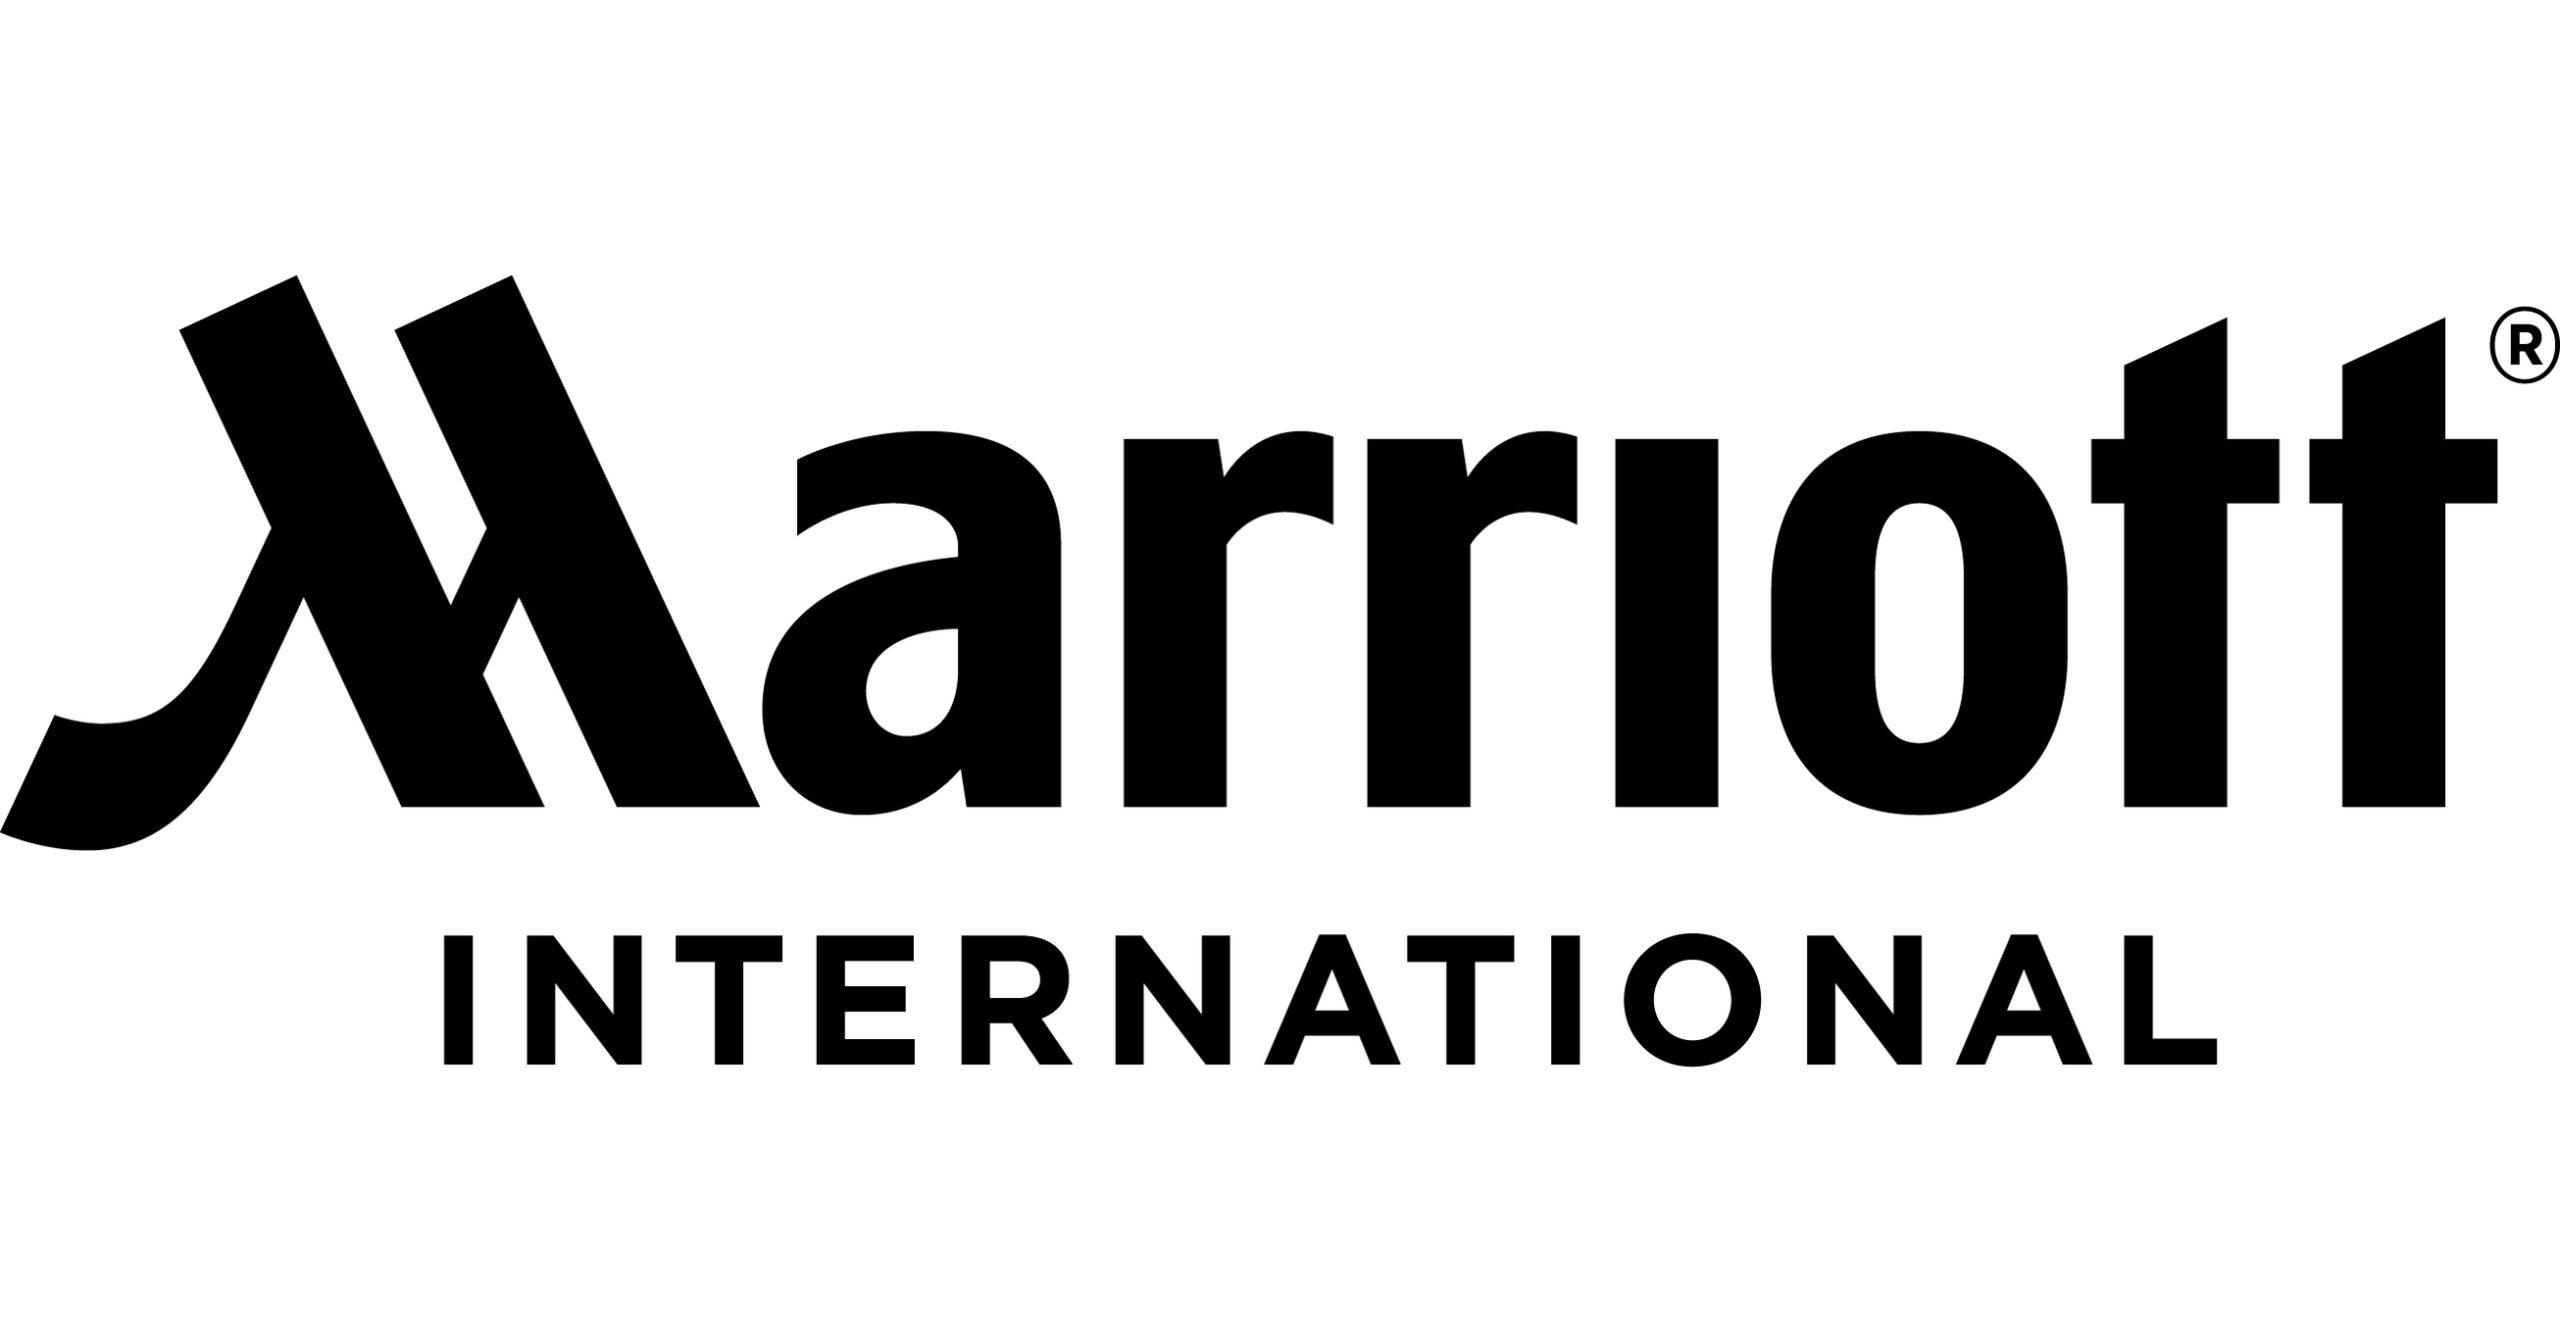 4MyHR Login : Marriott Extranet Login At www.4myhr.com